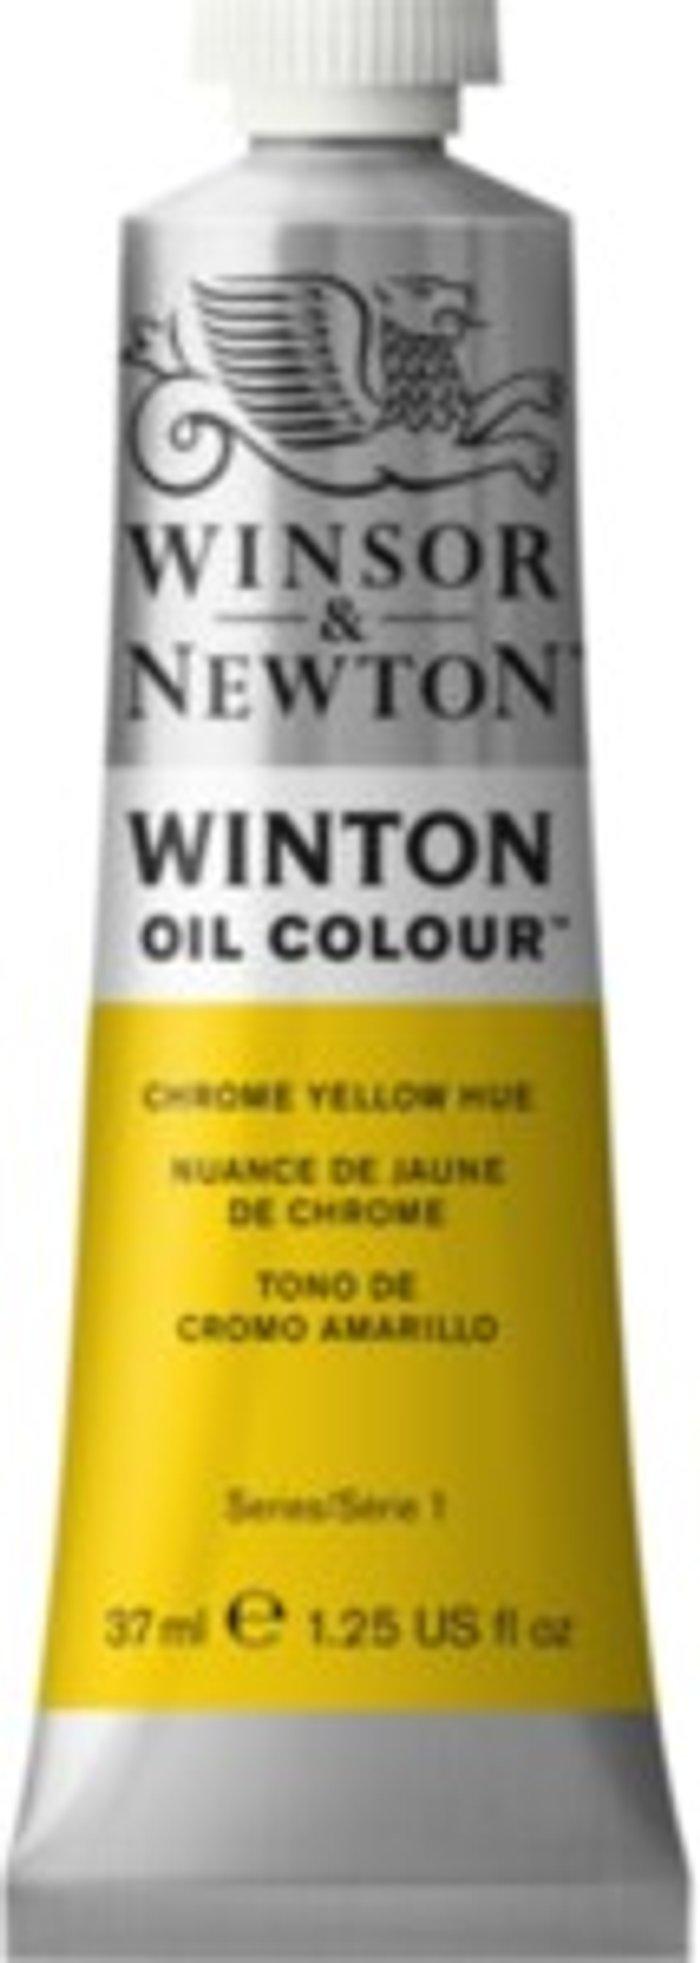 Winsor & Newton Winton Oil Colours - Chrome Yellow Hue - Chrome Yellow